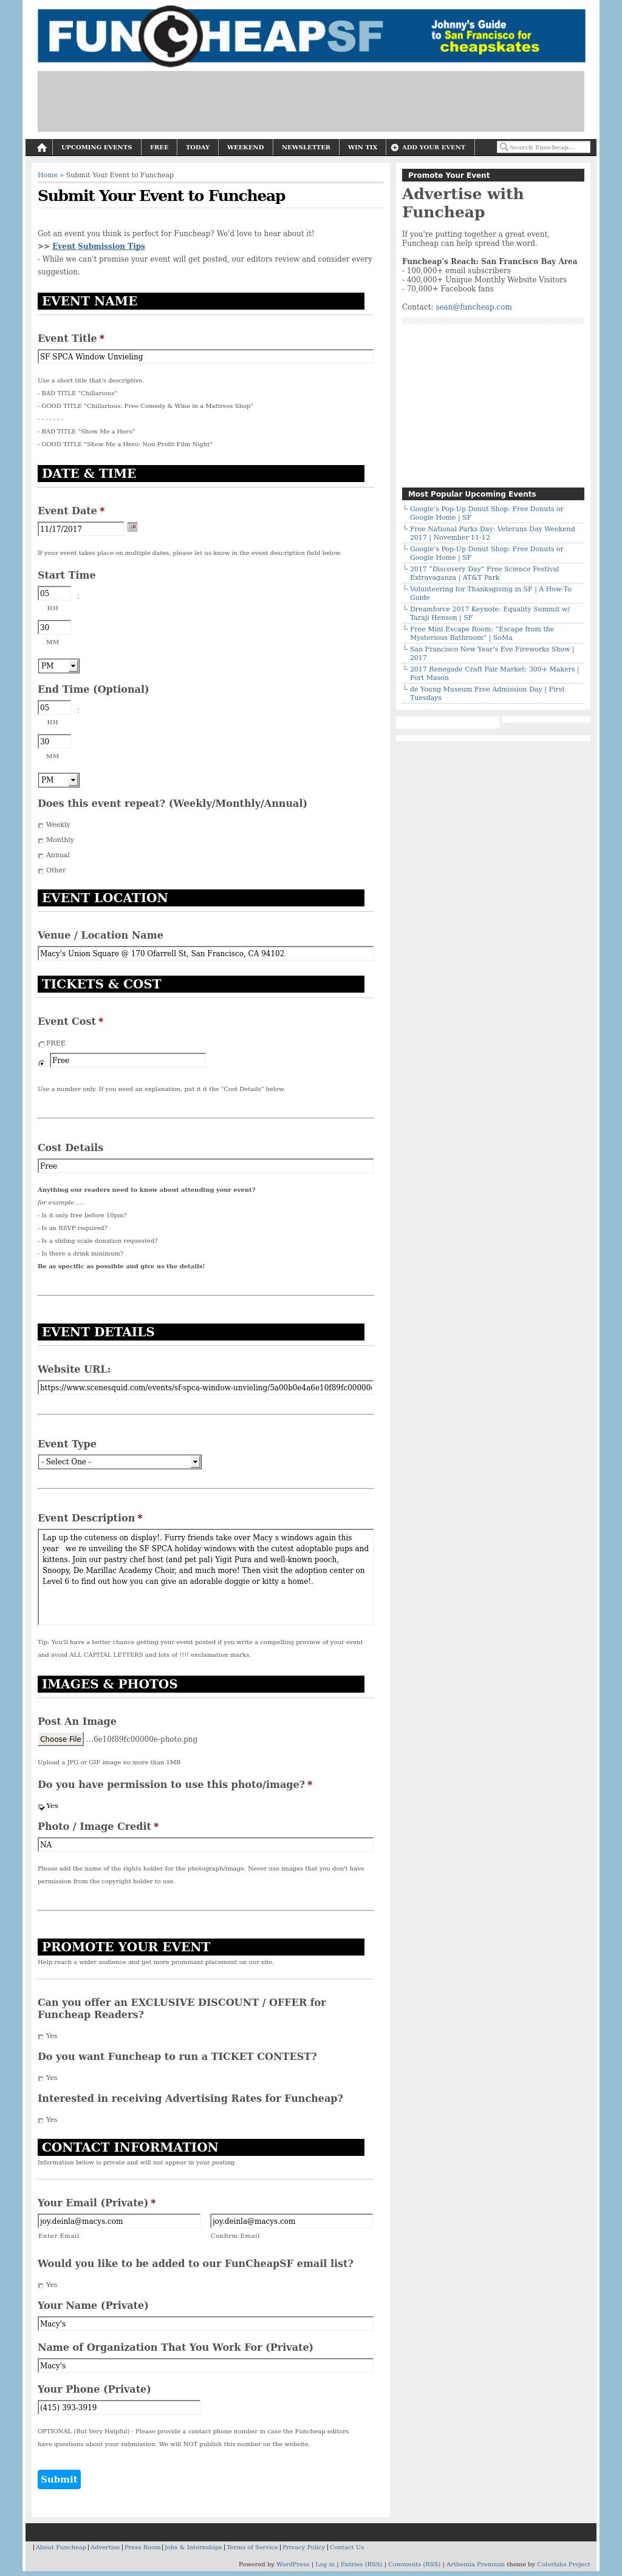 Screenshot from Fun Cheap integration